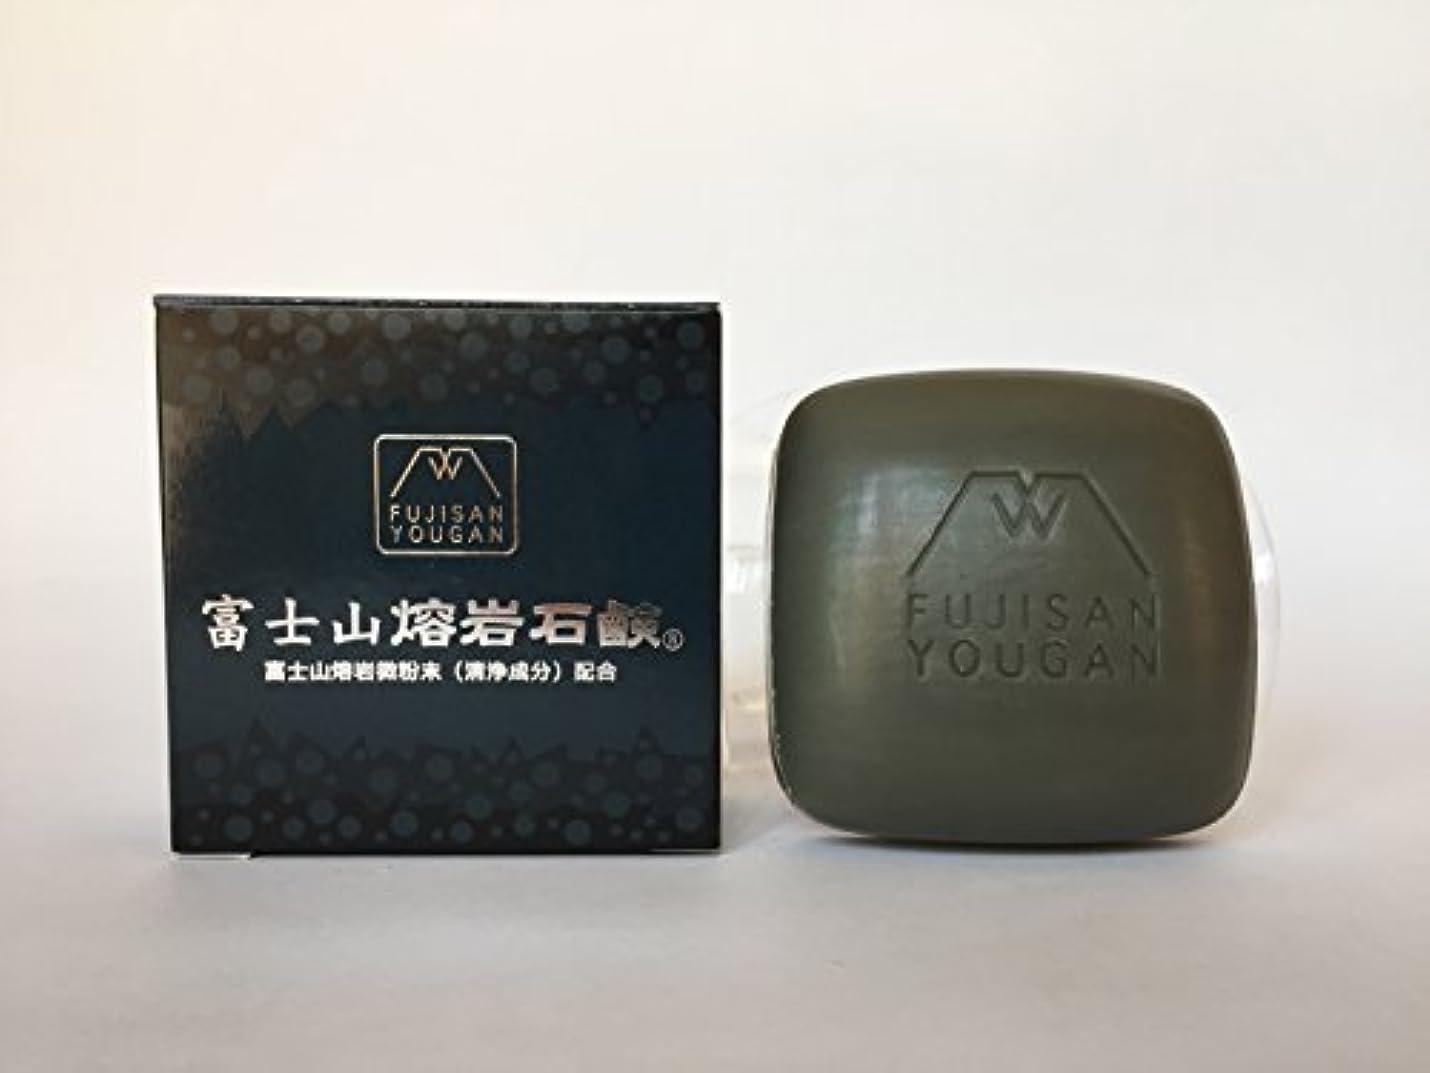 予測子お互い選択富士山溶岩石鹸 100g/個×2個セット